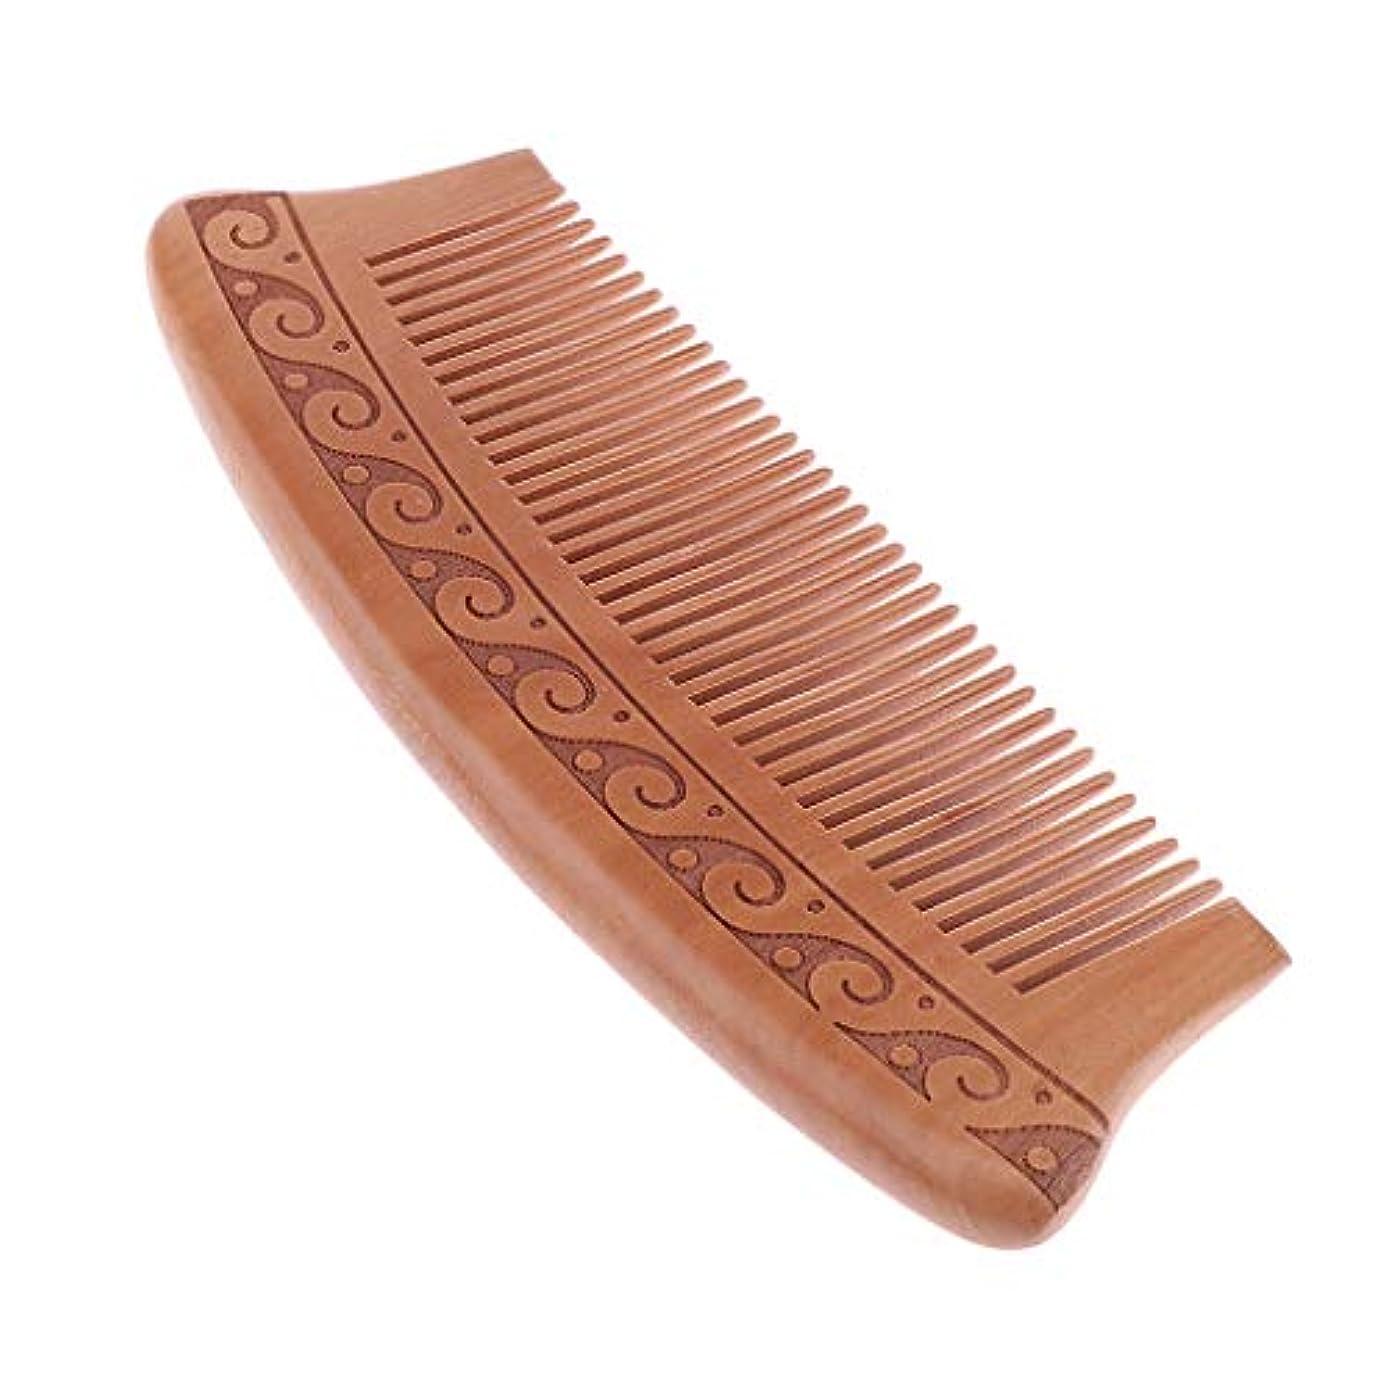 入植者エジプト人ピット木製櫛 コーム ヘアブラシ 静電気防止 エコ ヘアサロン 自宅用 5タイプ選べ - J16d